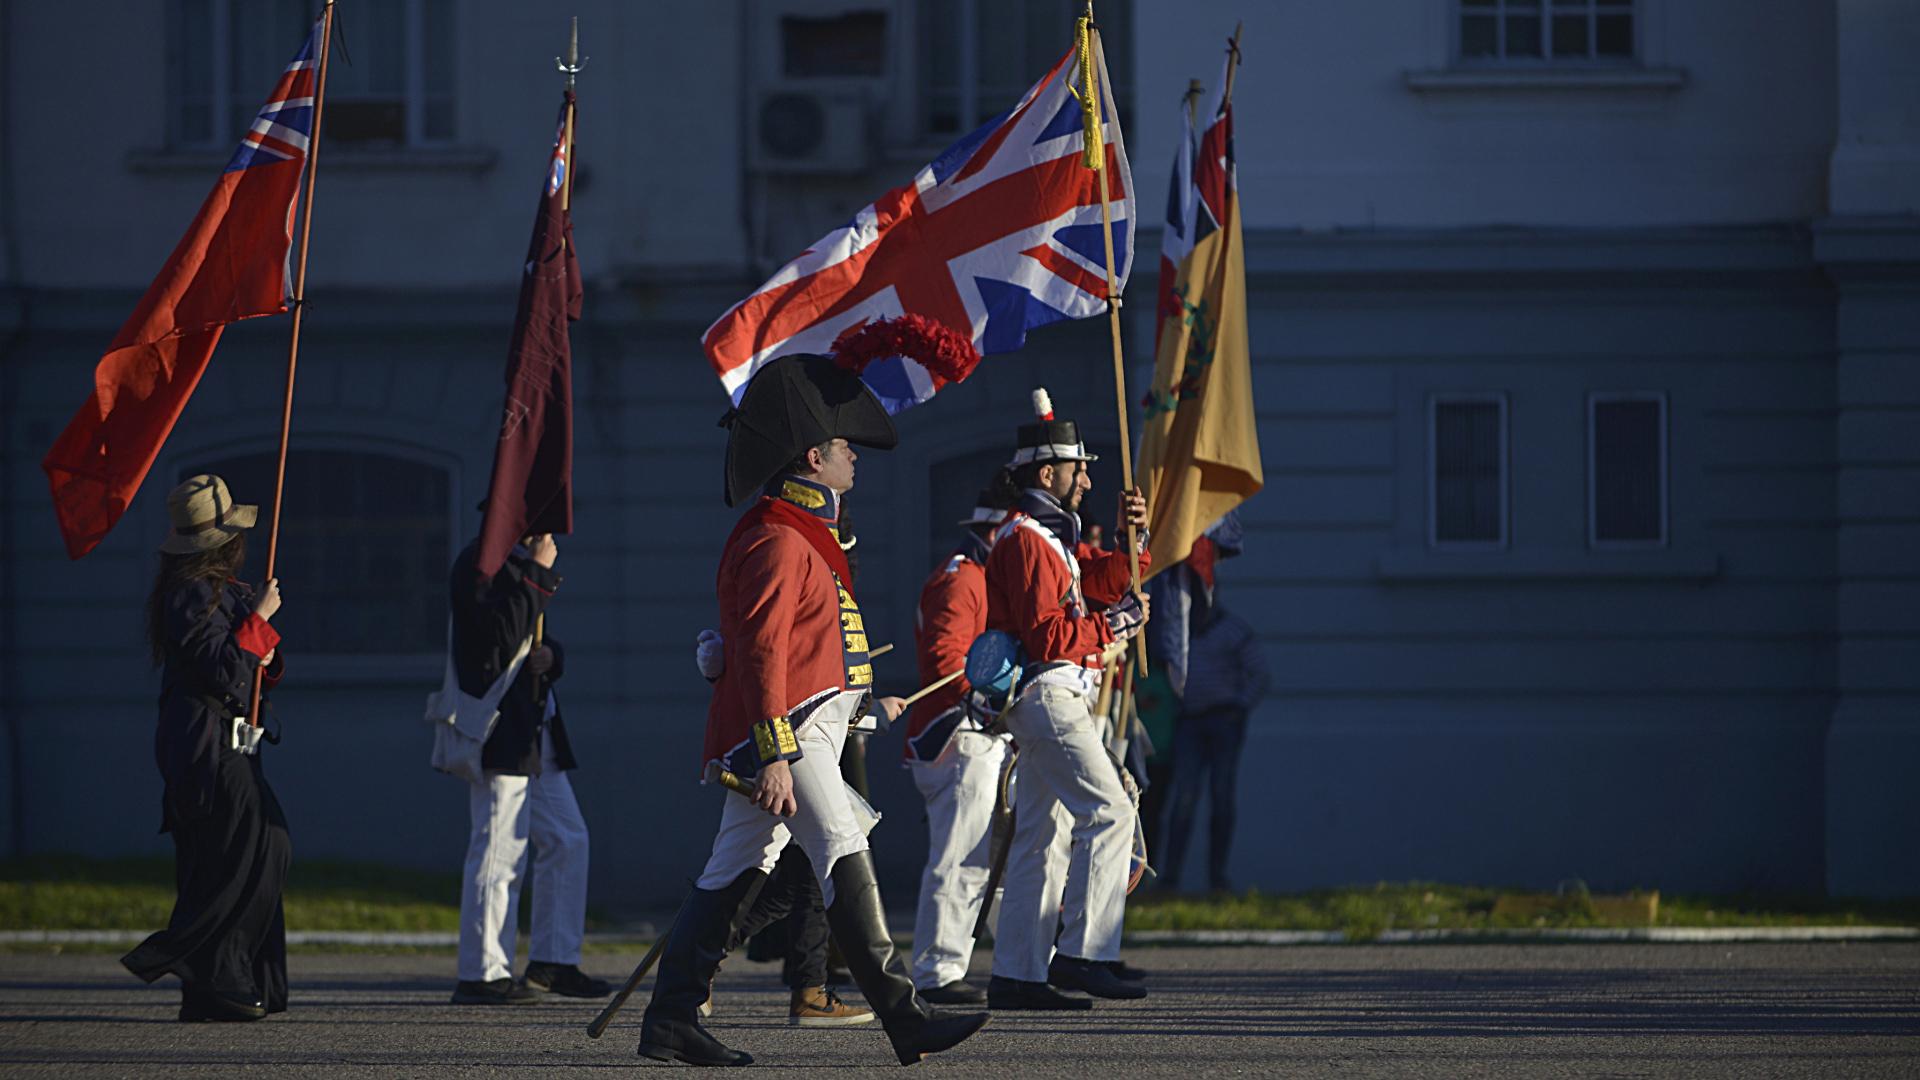 Tras ello, los grupos actoriles se reunieron en la Plaza de Armas para homenajear con un minuto de silencio a los caídos en batallas y guerras de la humanidad. La jornada finalizó con una recreación de Invasiones Inglesas y un desfile